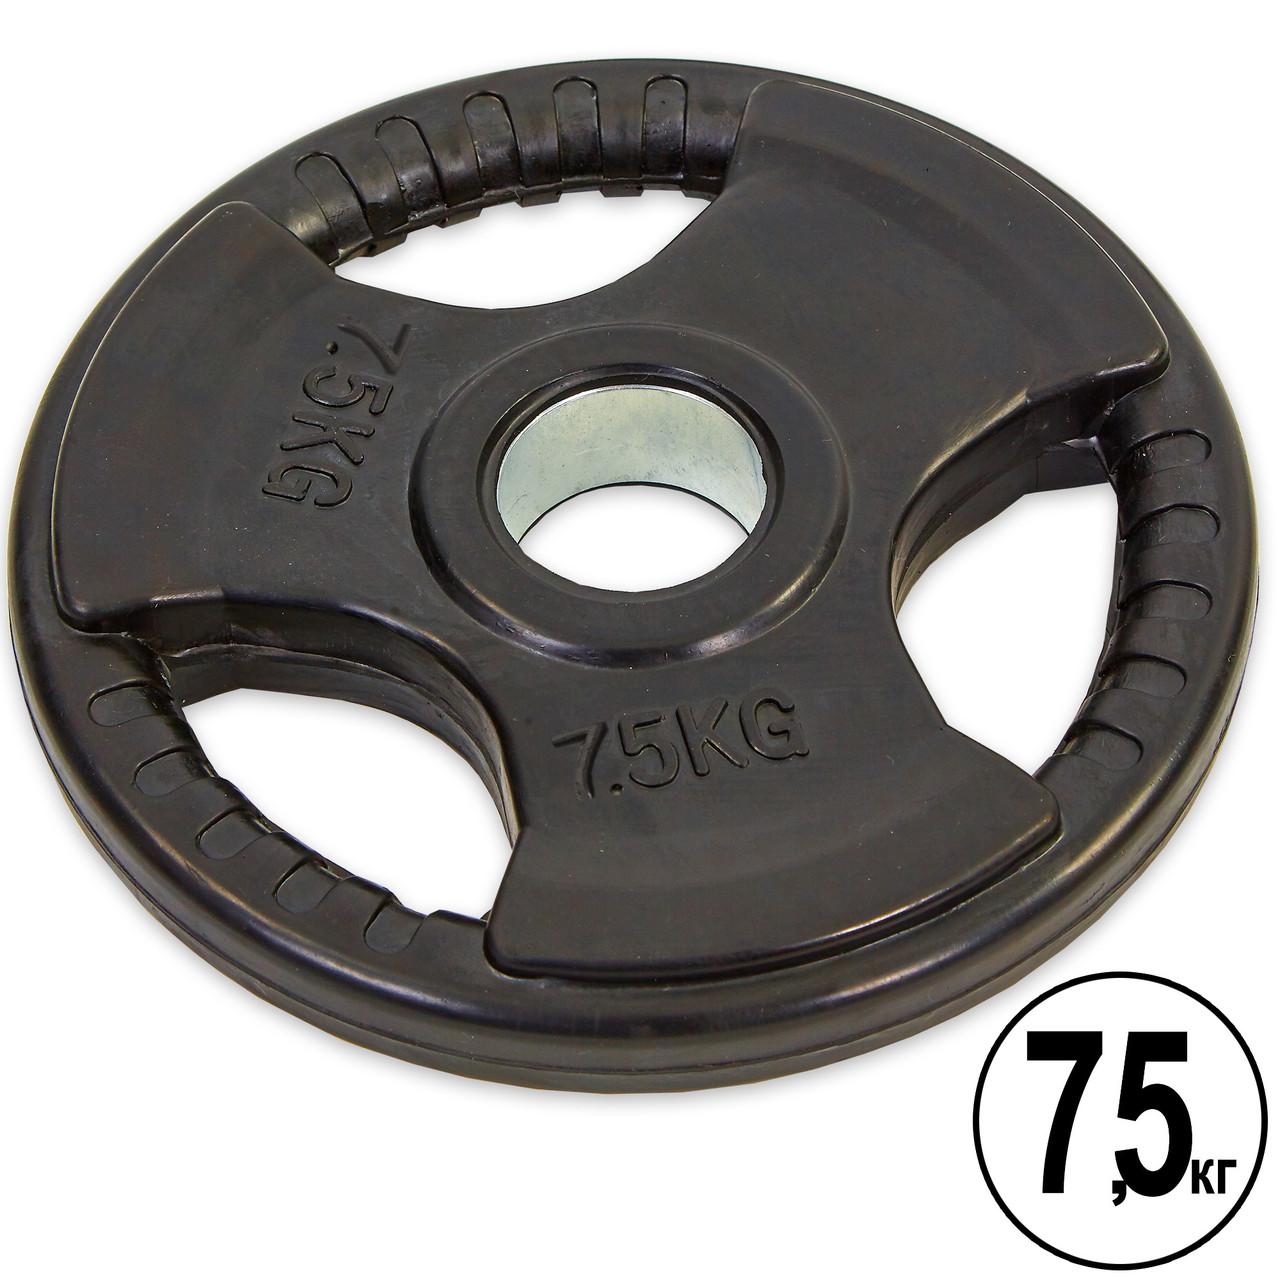 Блины (диски) обрезиненные с тройным хватом и металлической втулкой d-52мм TA-8122- 7,5 7,5кг (черный)